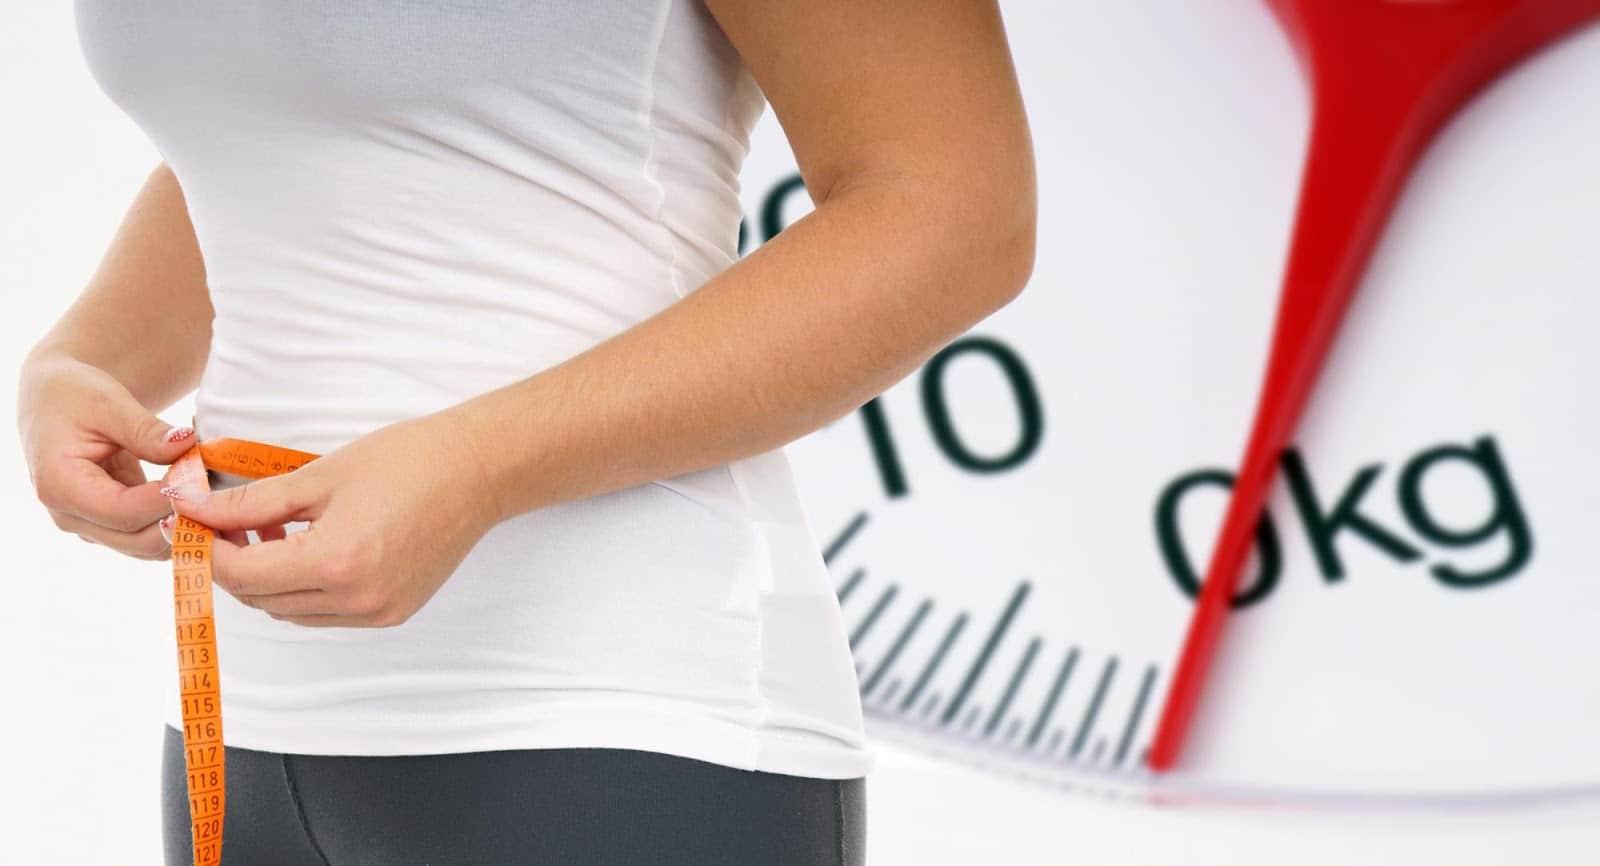 چرا به روش های مختلفی برای کاهش وزن نیاز داریم؟